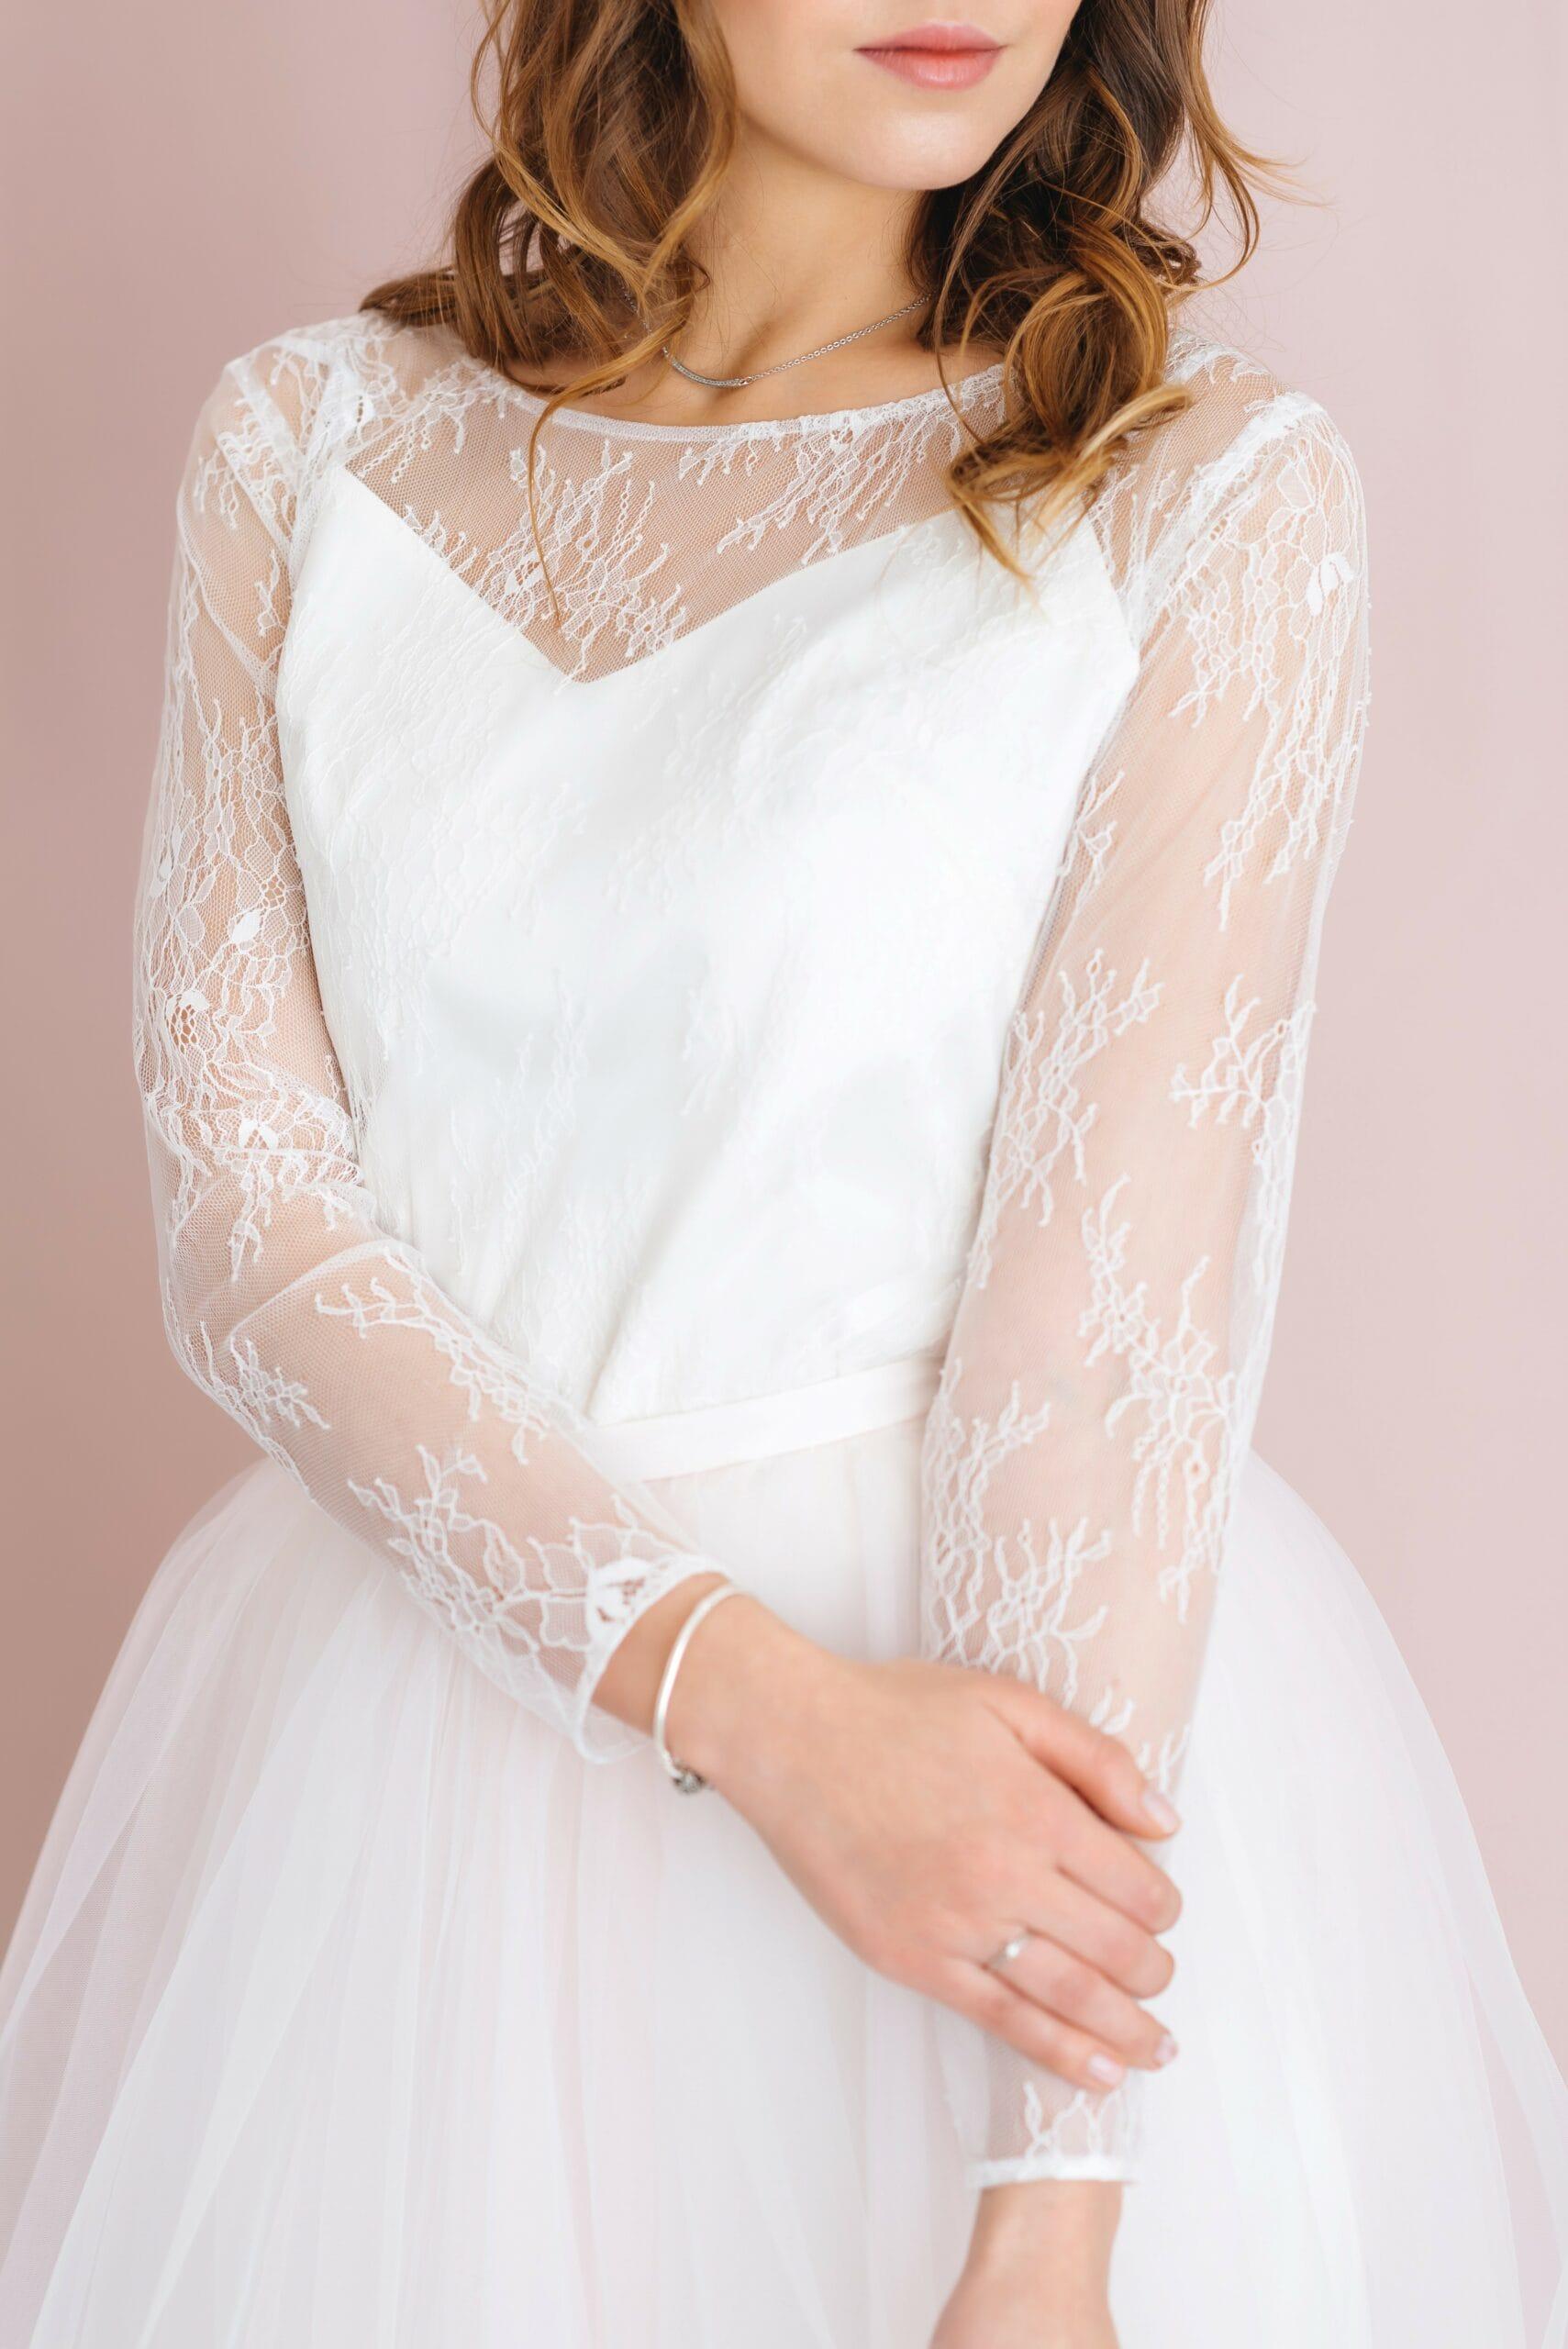 Свадебное платье AMANDA, коллекция LOFT, бренд RARE BRIDAL, фото 4